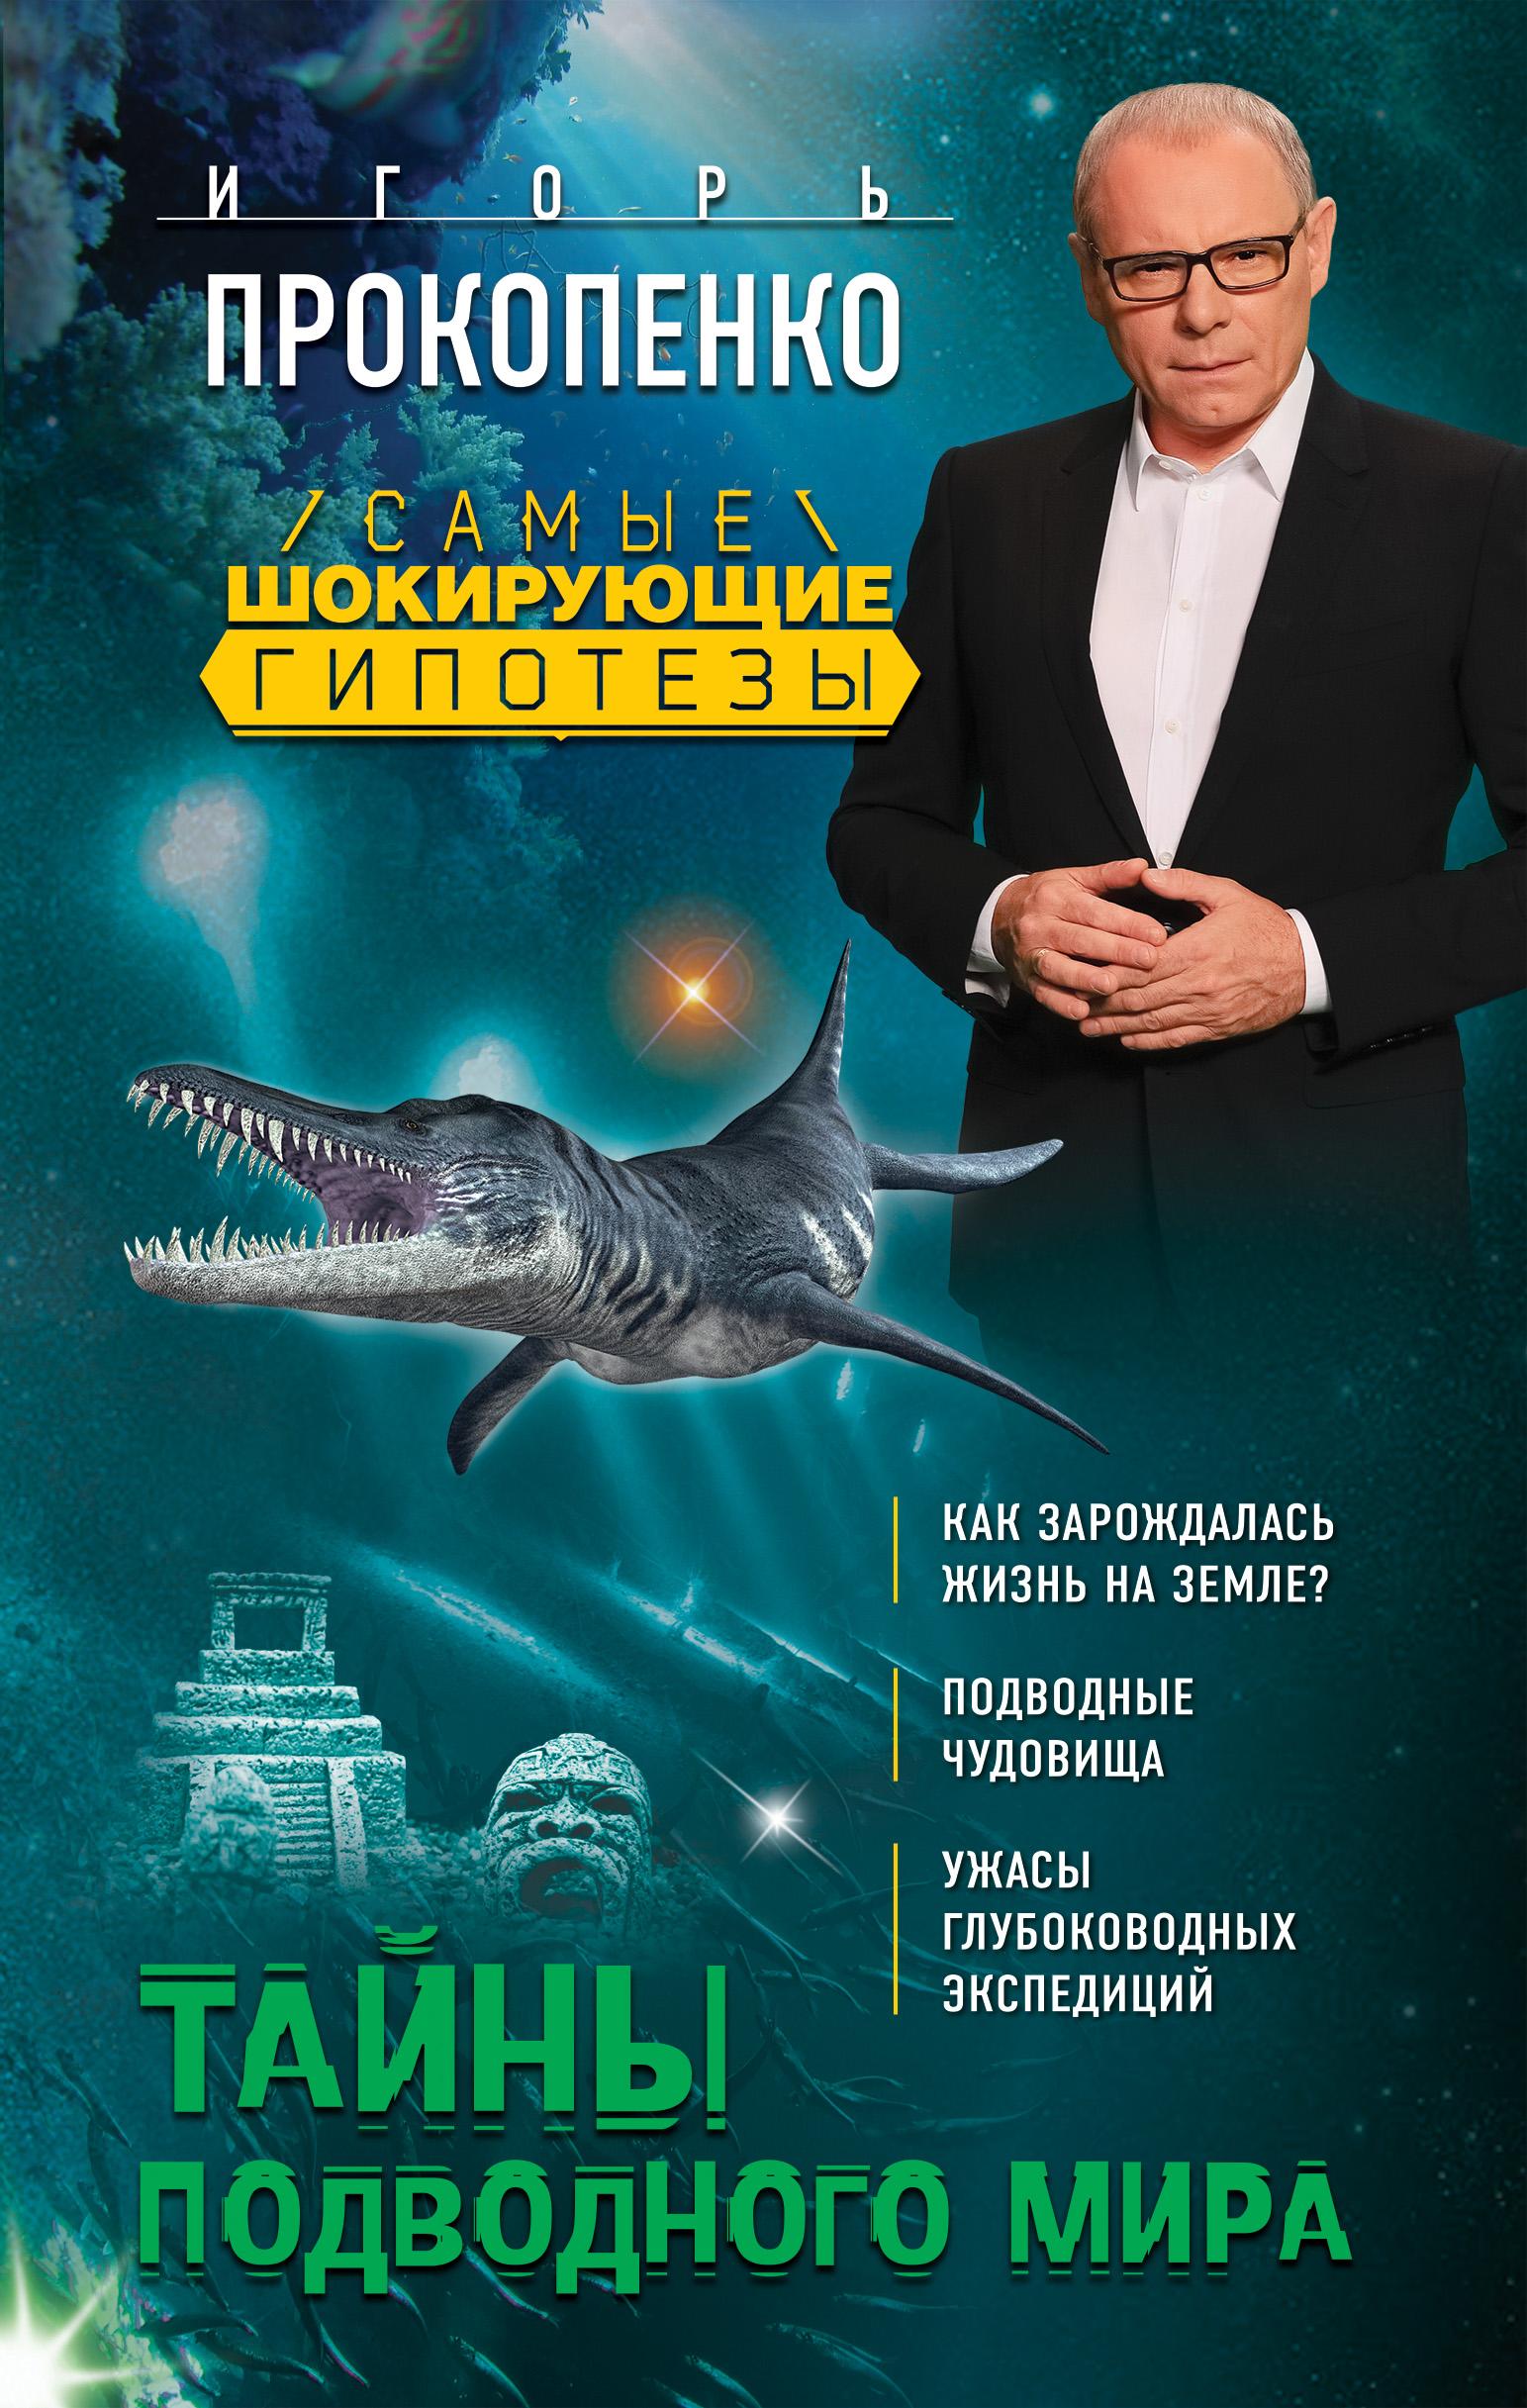 Тайны подводного мира. Прокопенко Игорь Станиславович